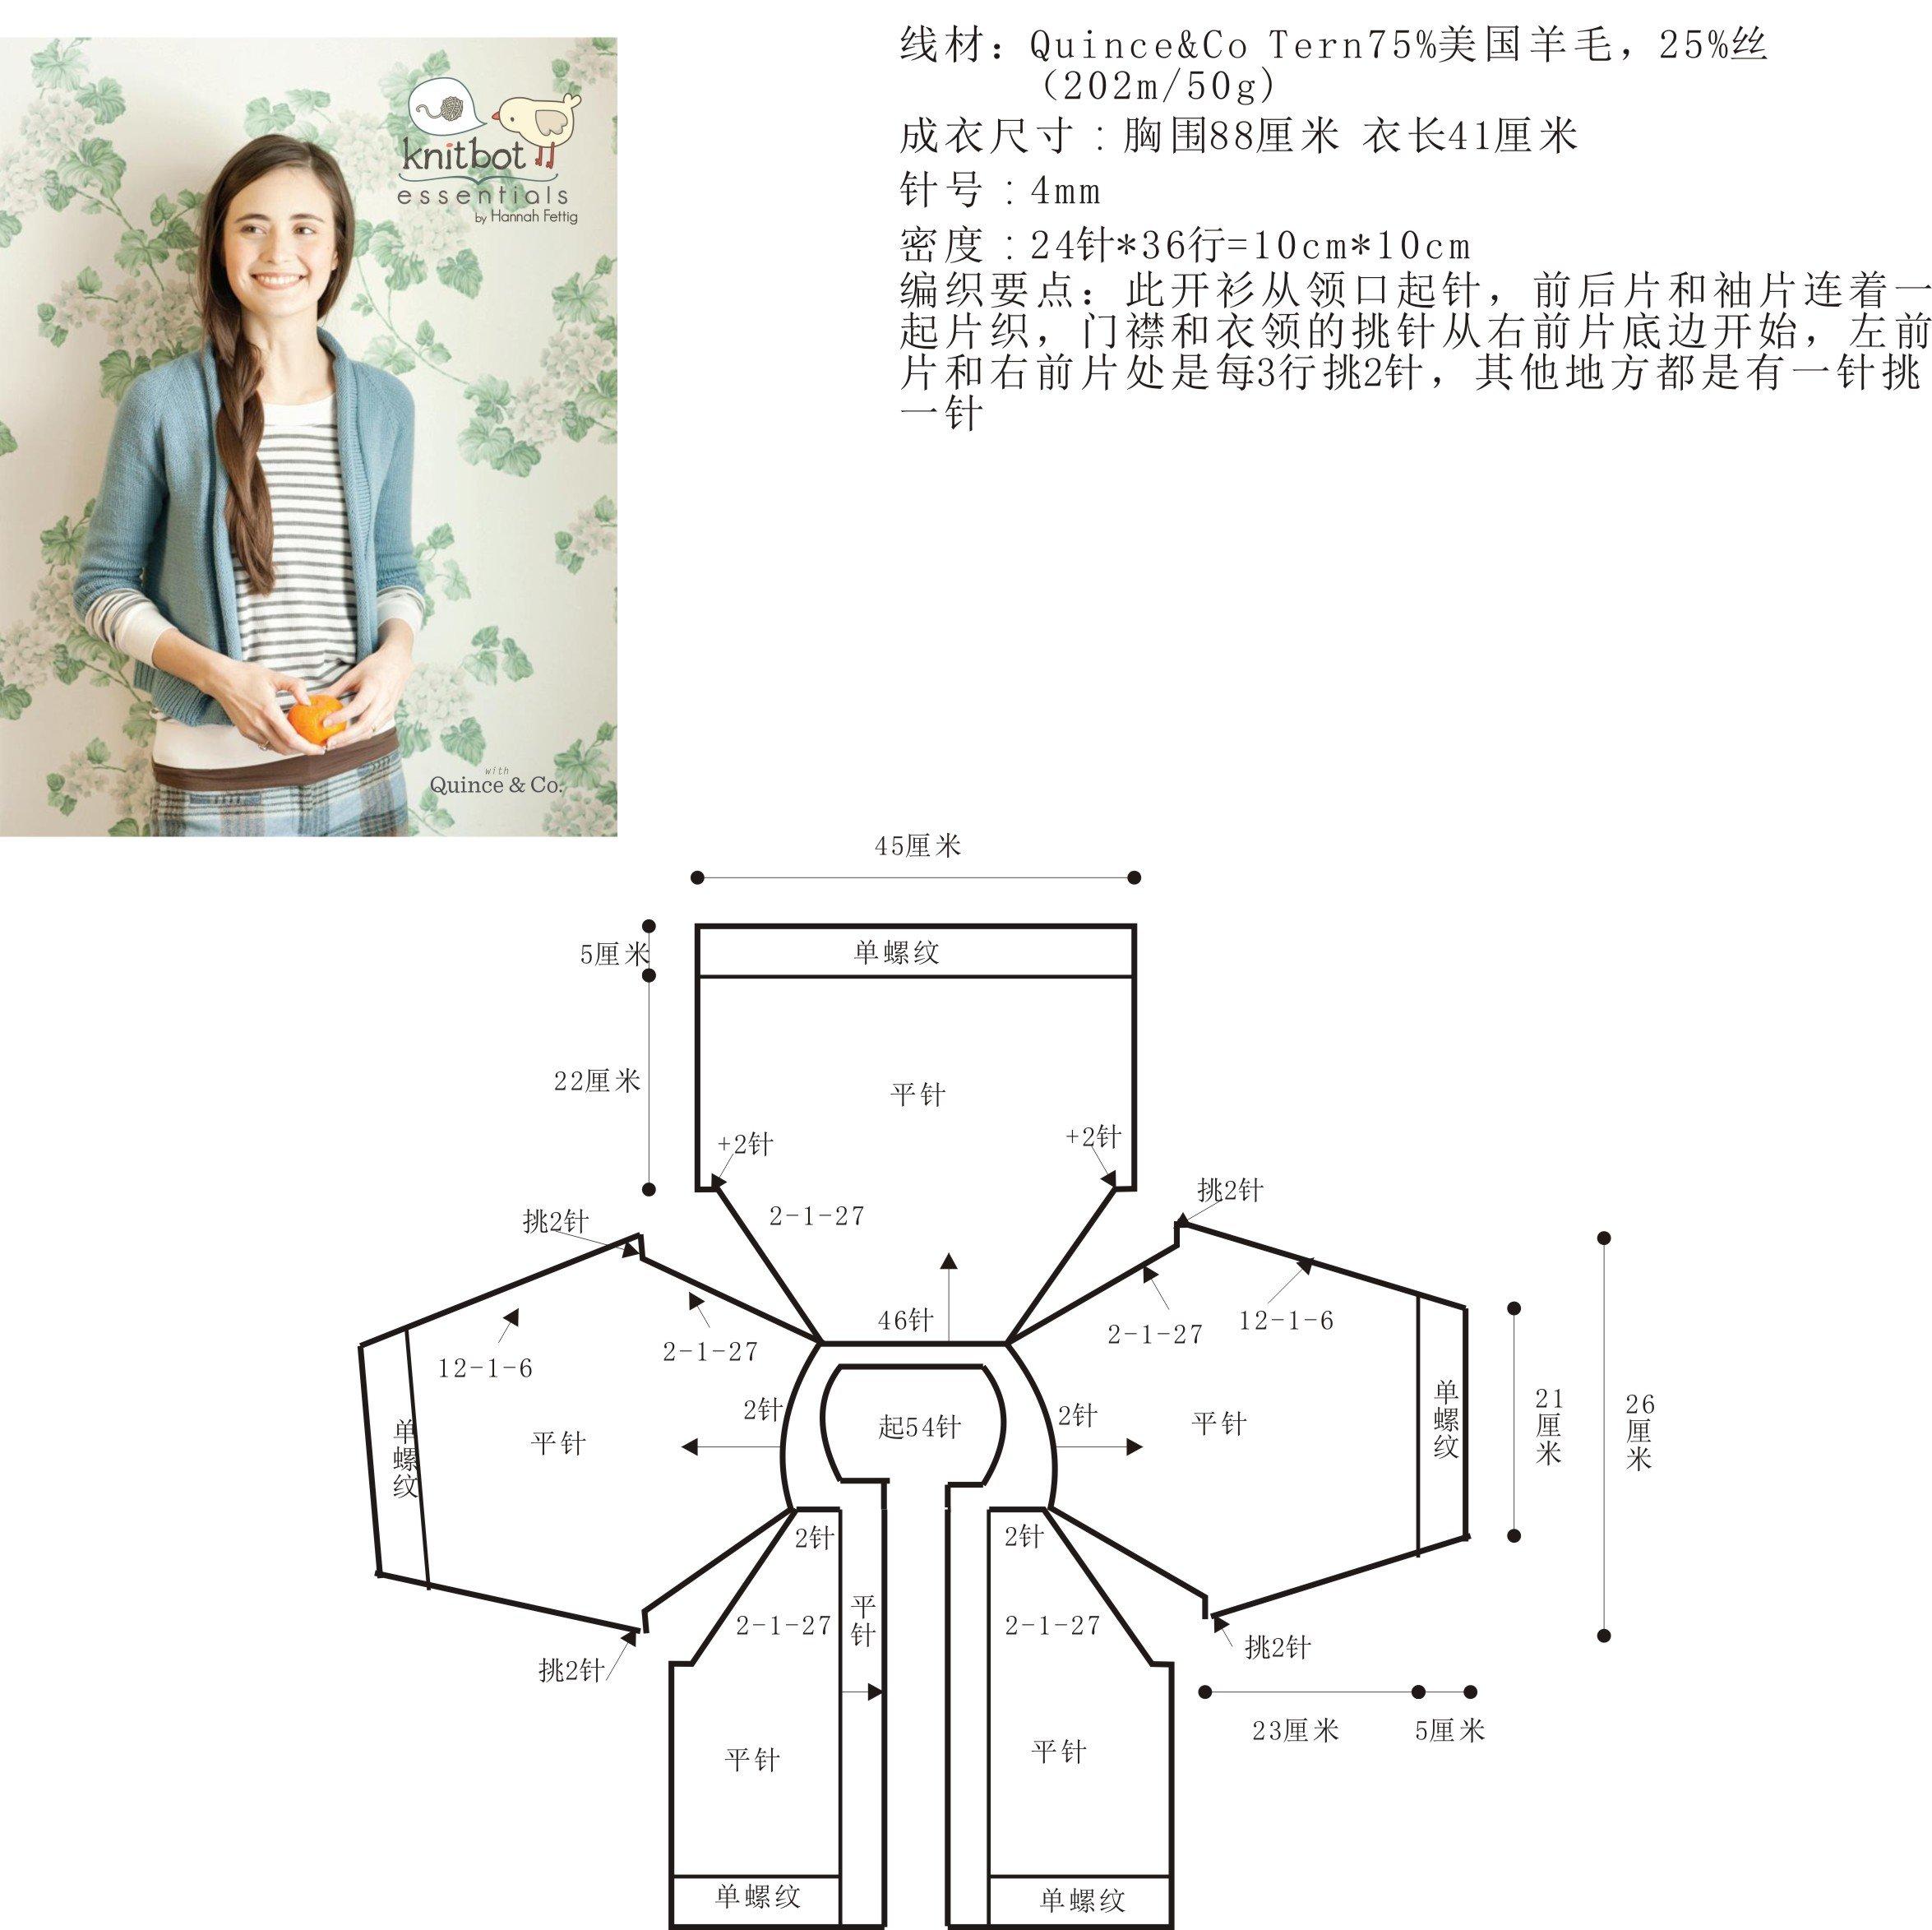 [开衫] 【雨滴】~轻盈~云柔开衫 - yn595959 - yn595959 彦妮